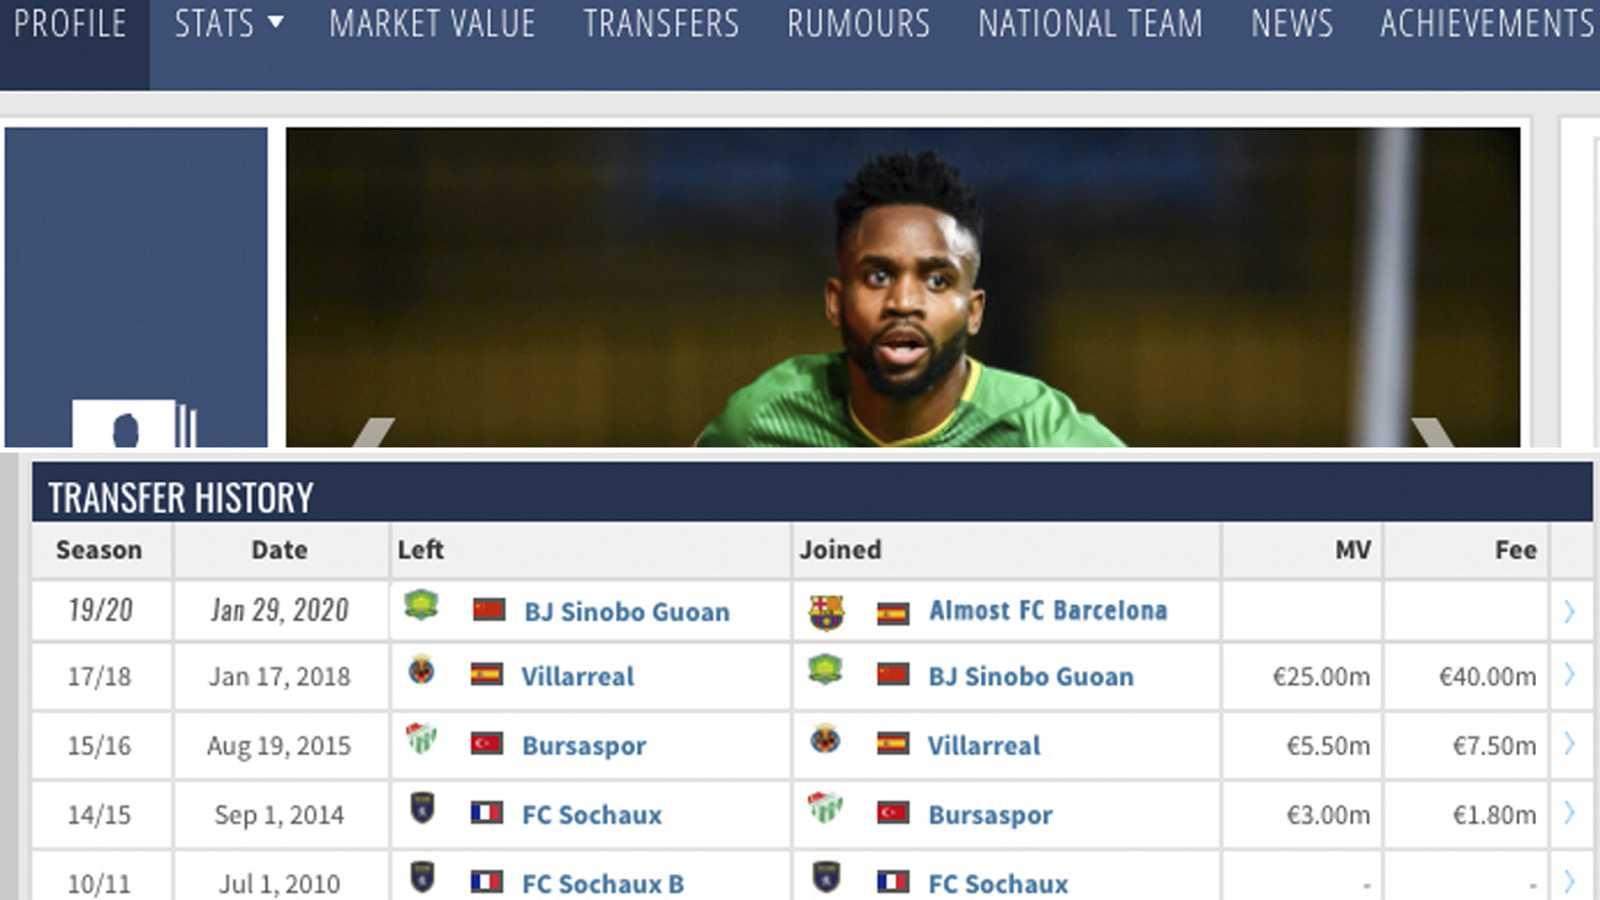 """La web 'Transfermarkt' sigue la broma de Bakambu y añade a su historial de fichajes """"casi FC Barcelona"""""""